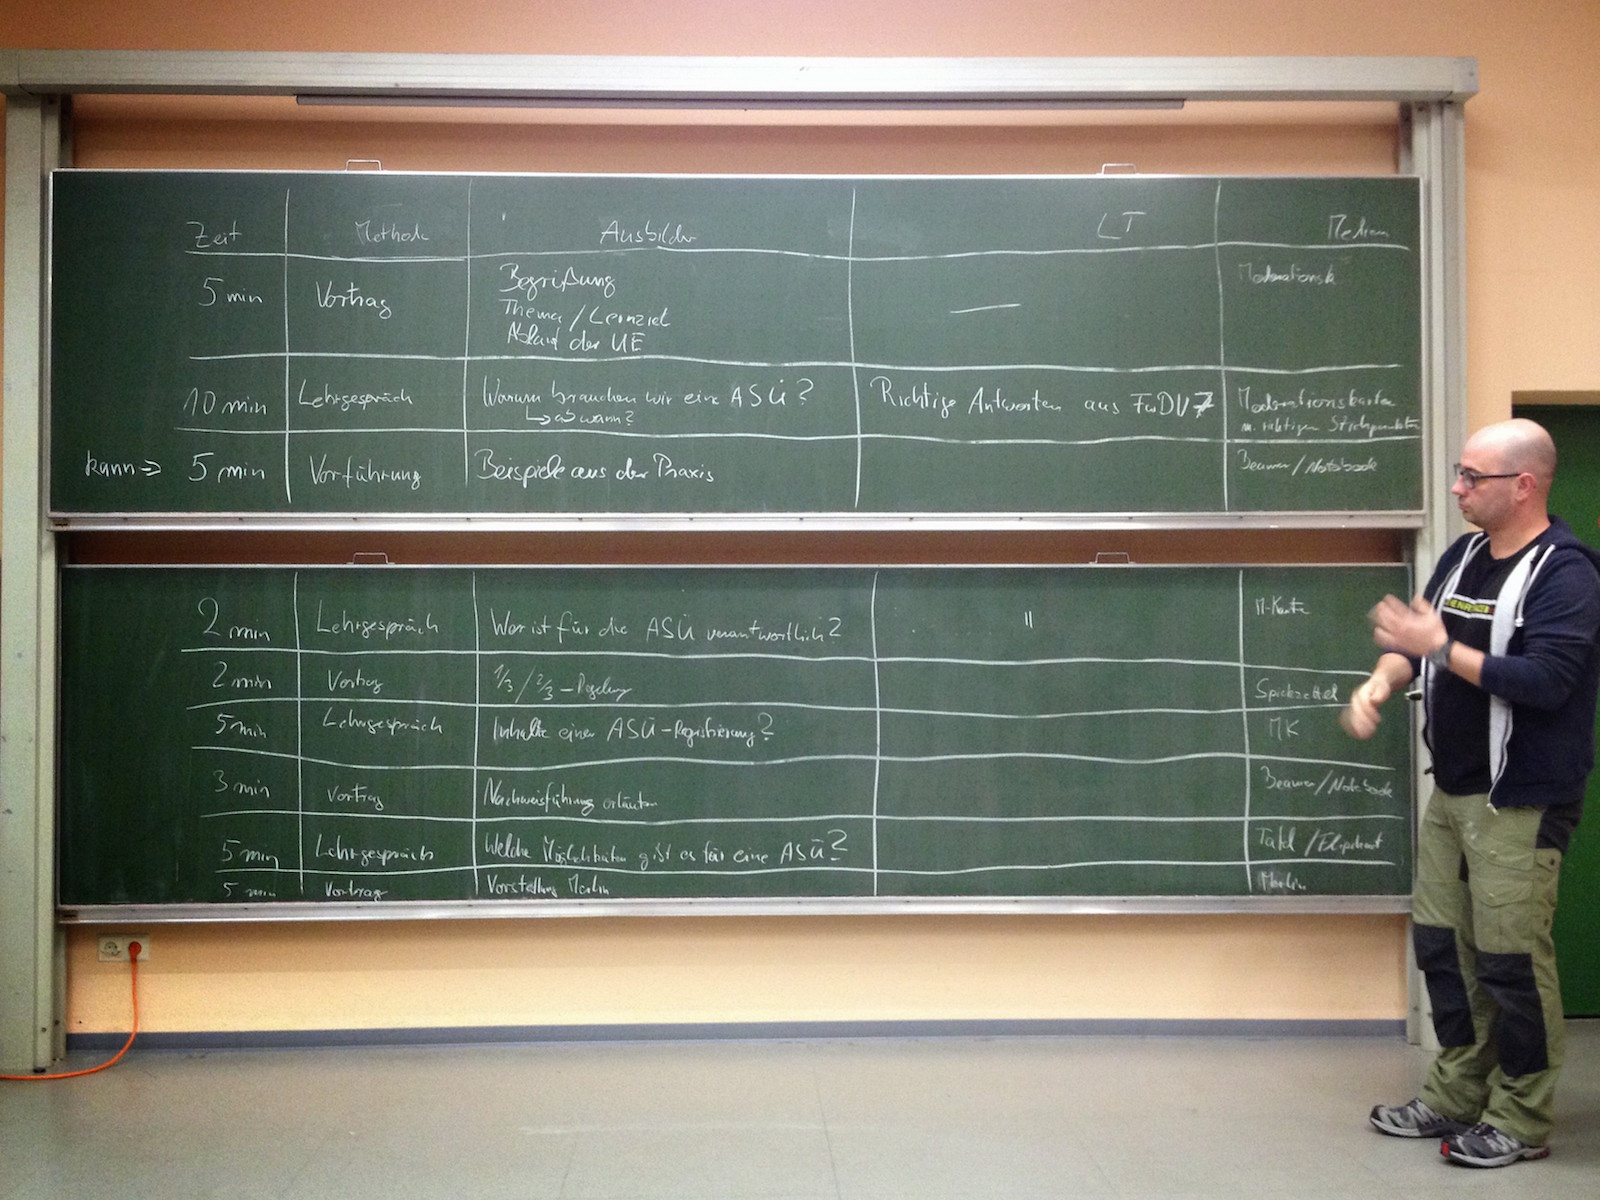 Ungewöhnlich Unterrichtsvorlagen Bilder - Entry Level Resume ...